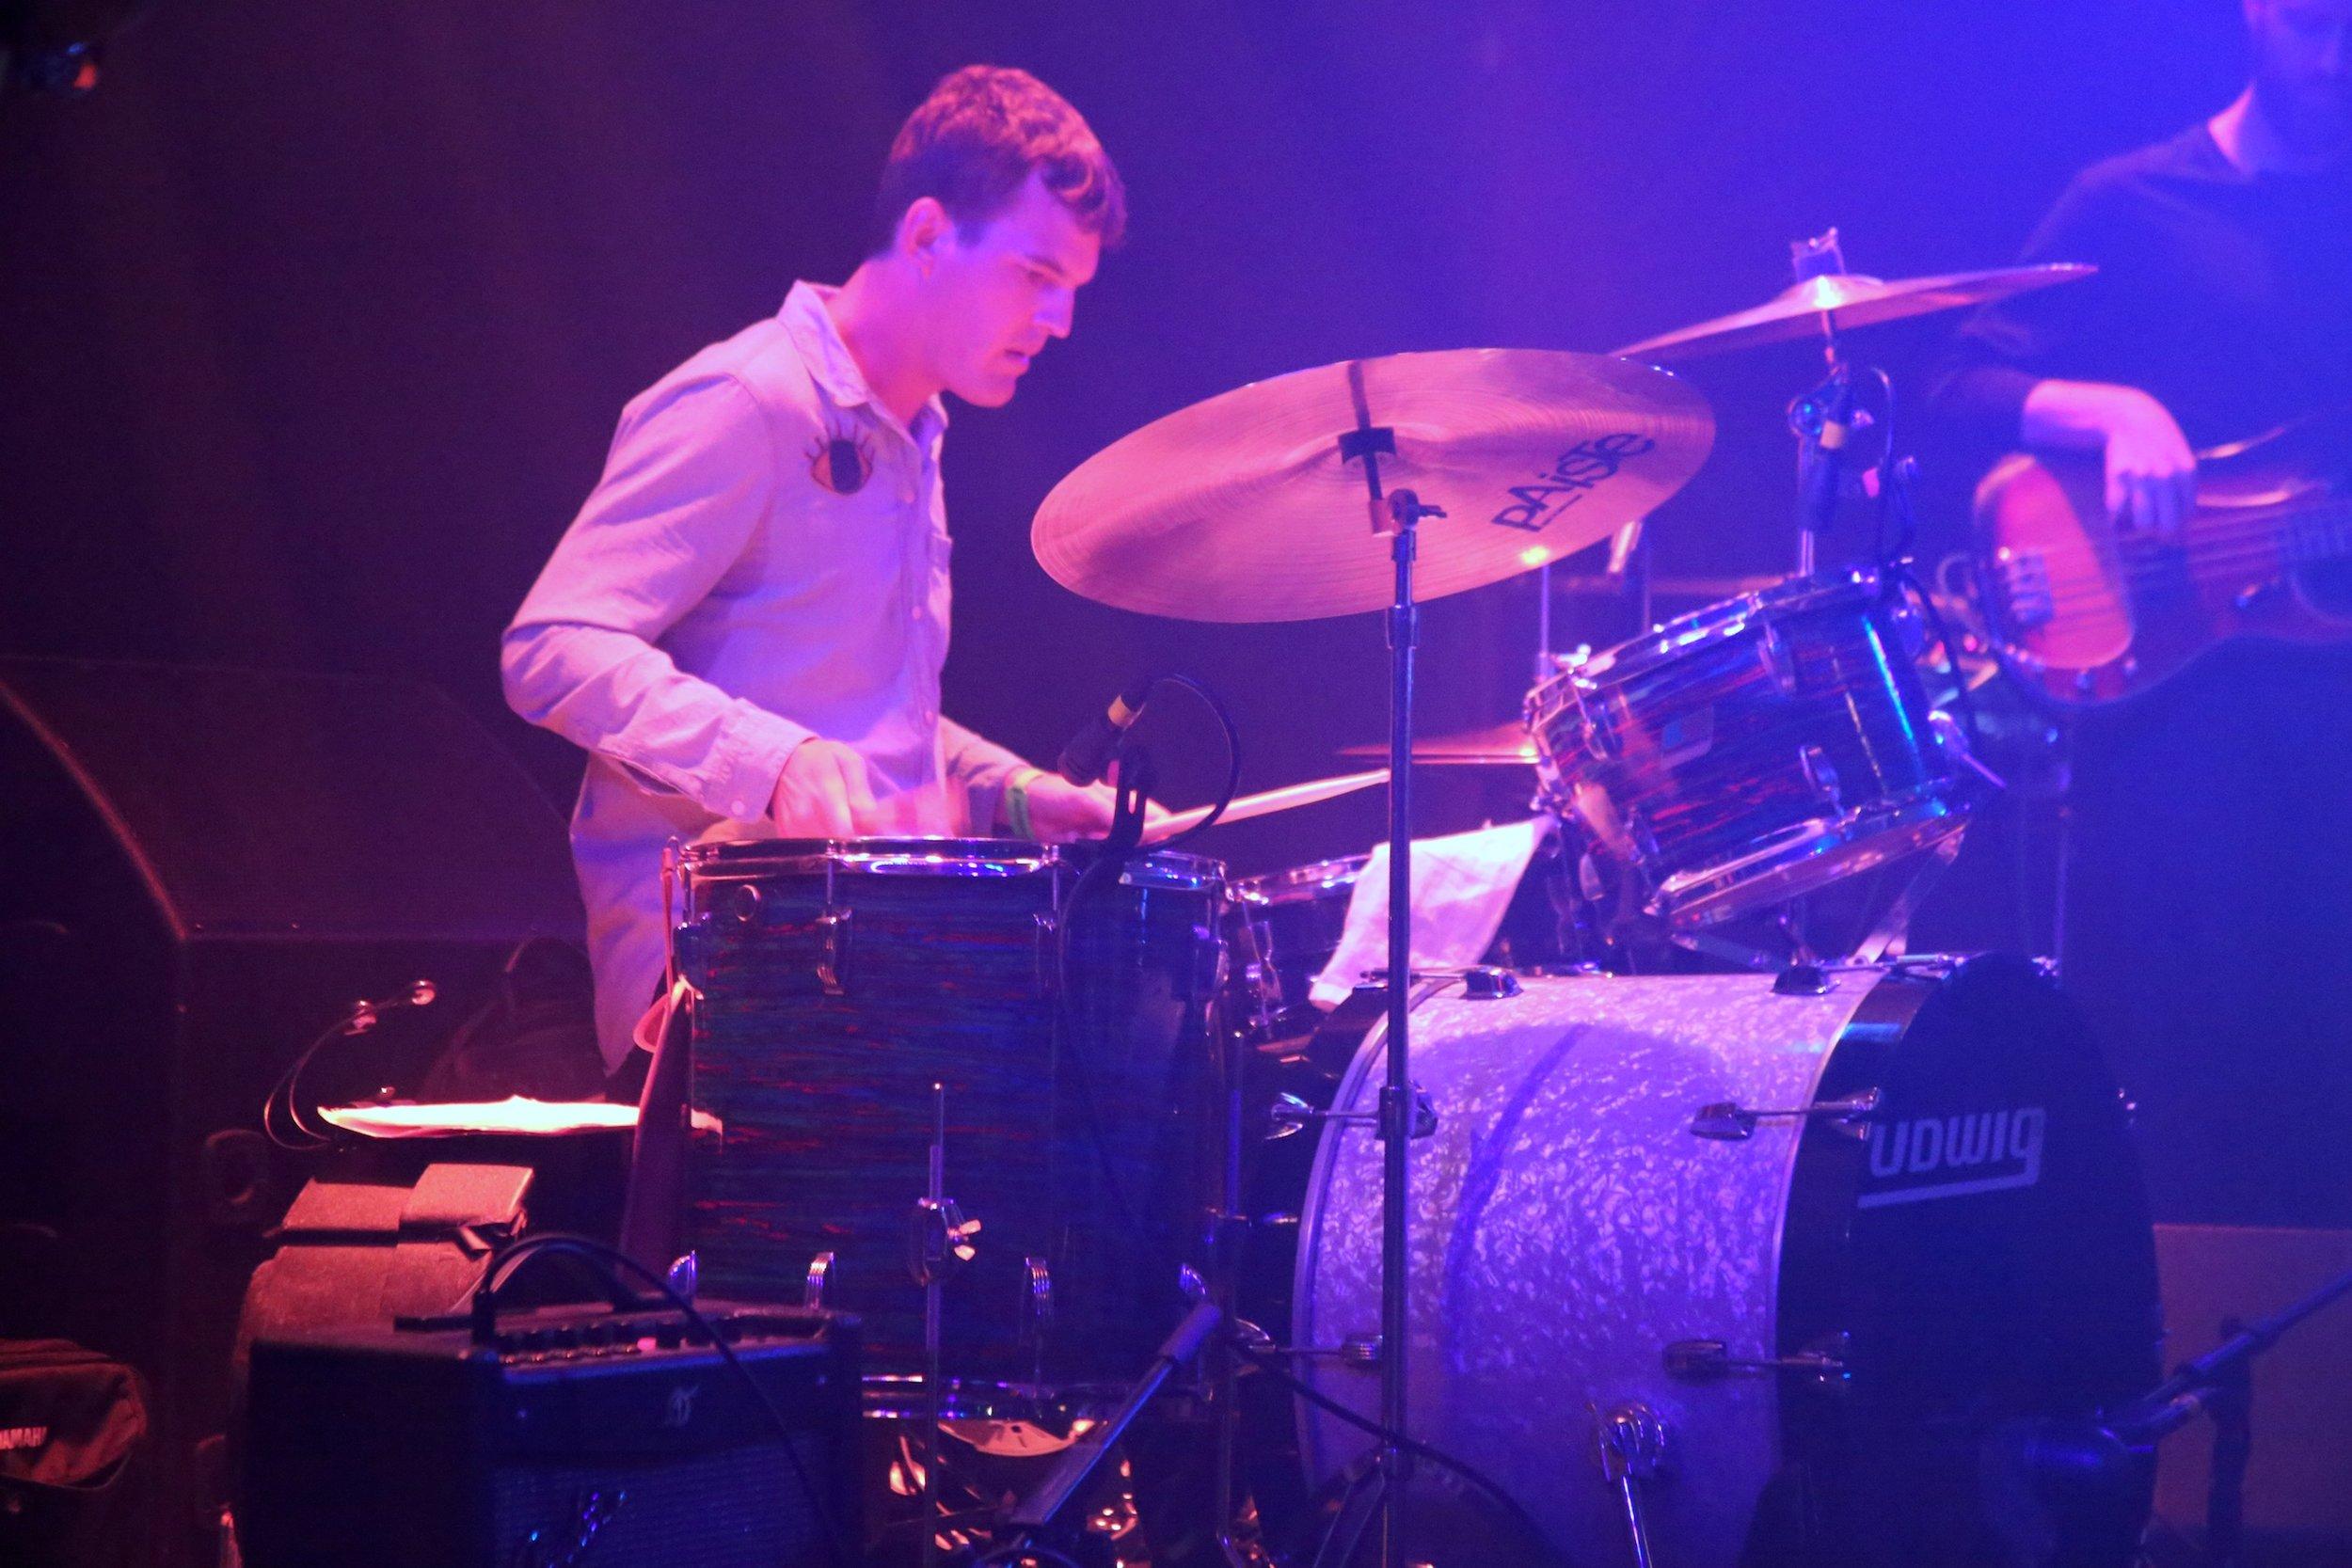 Drummer, Tripp Beam